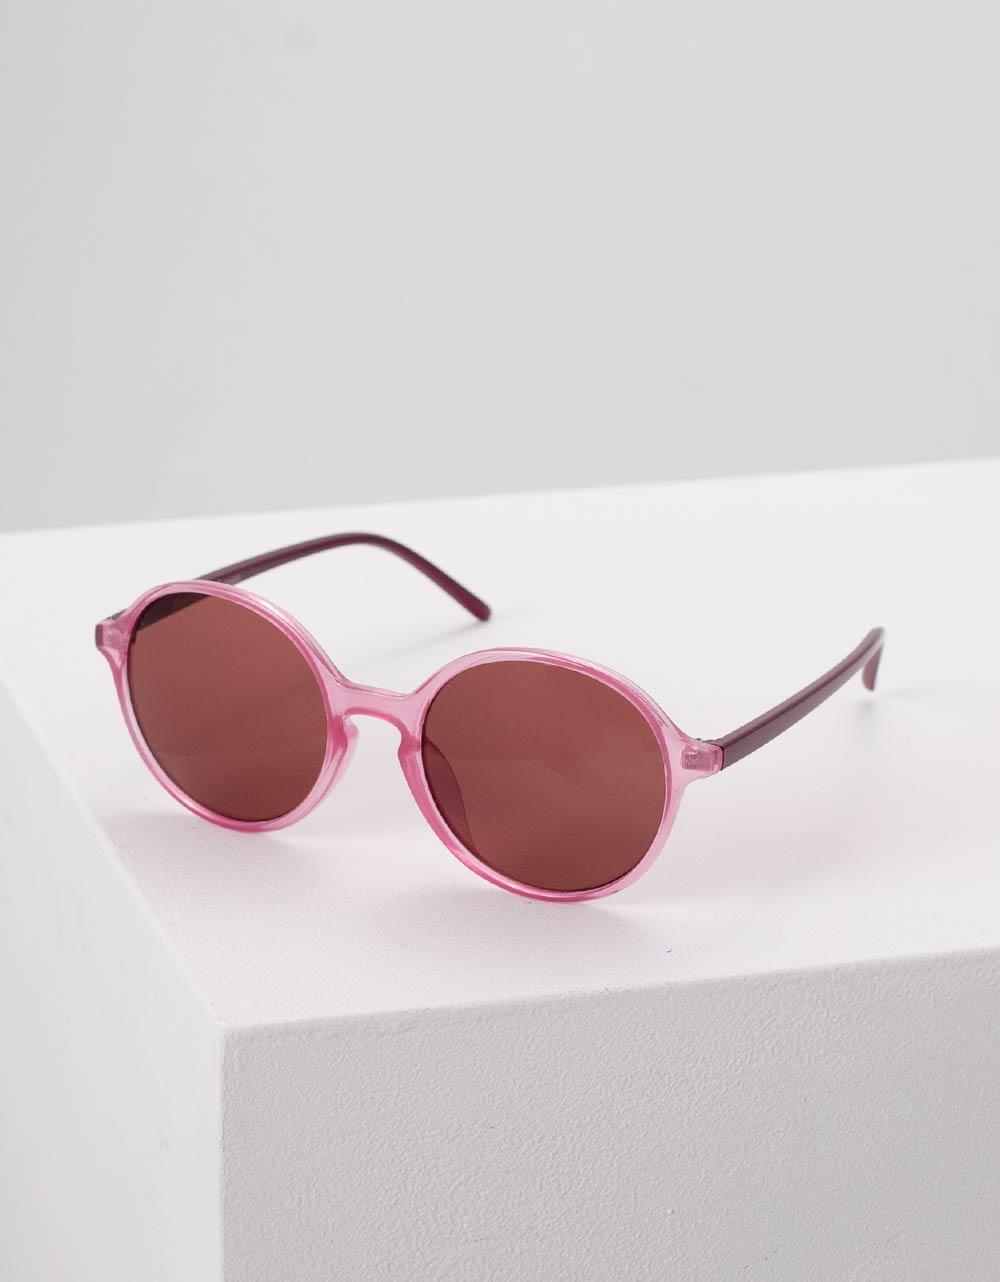 Εικόνα από Γυναικεία γυαλιά ηλίου στρογγυλά Ροζ